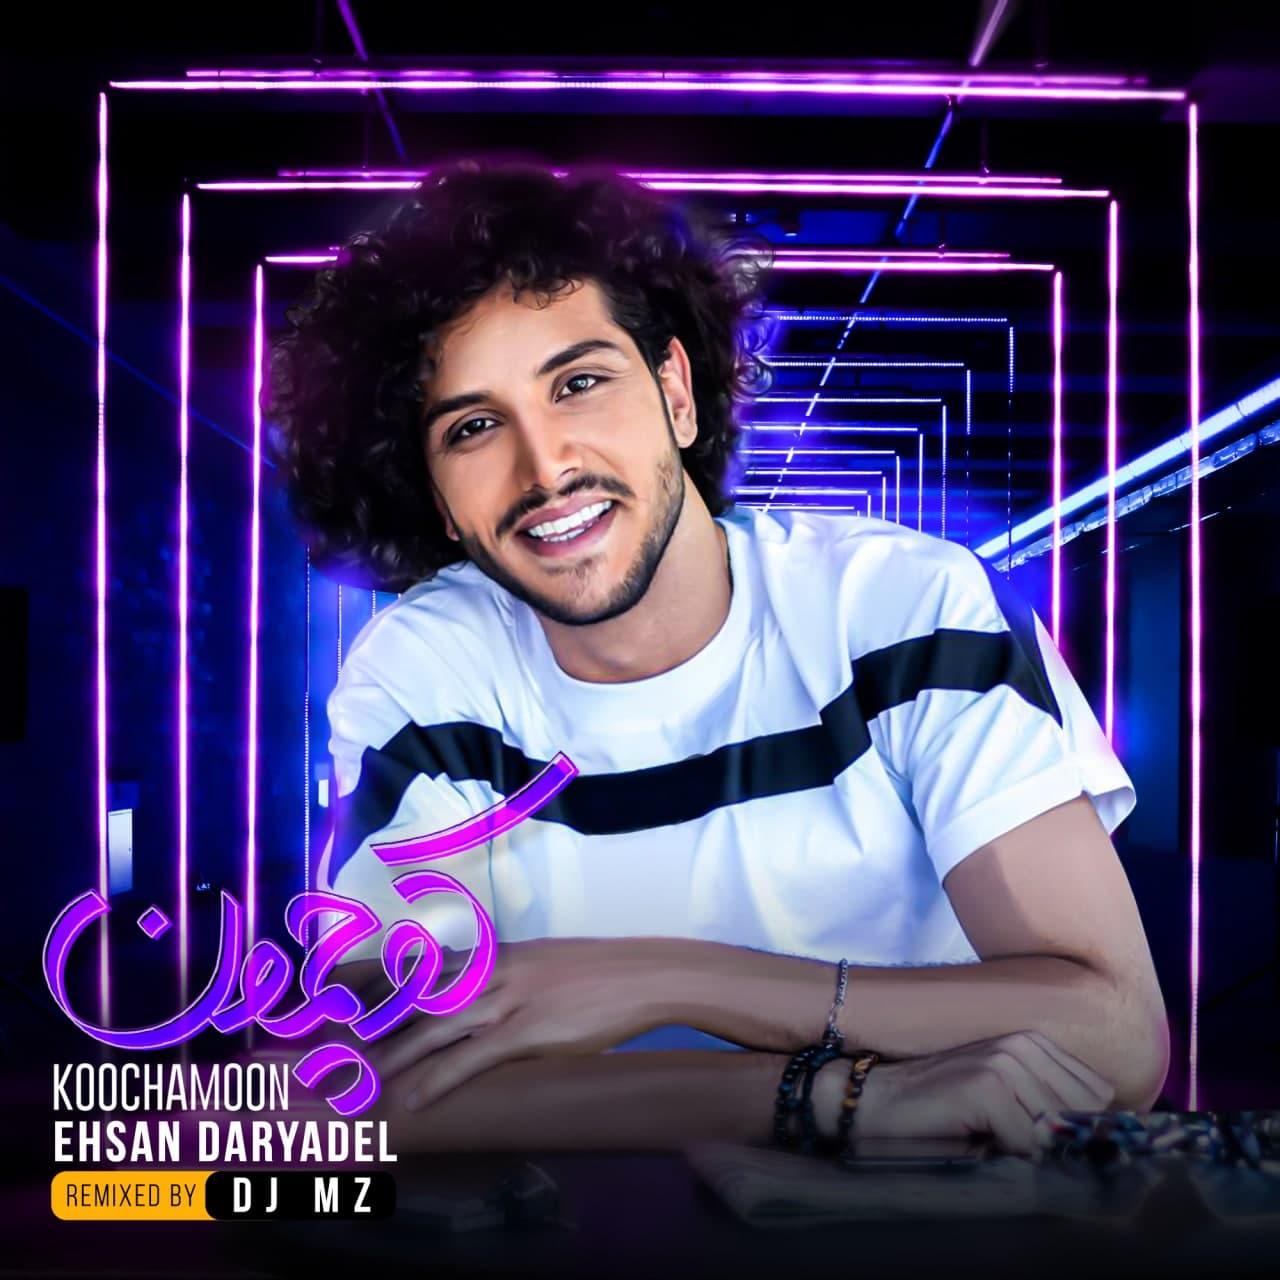 Ehsan Daryadel - Koochamoon (DJ MZ Remix).